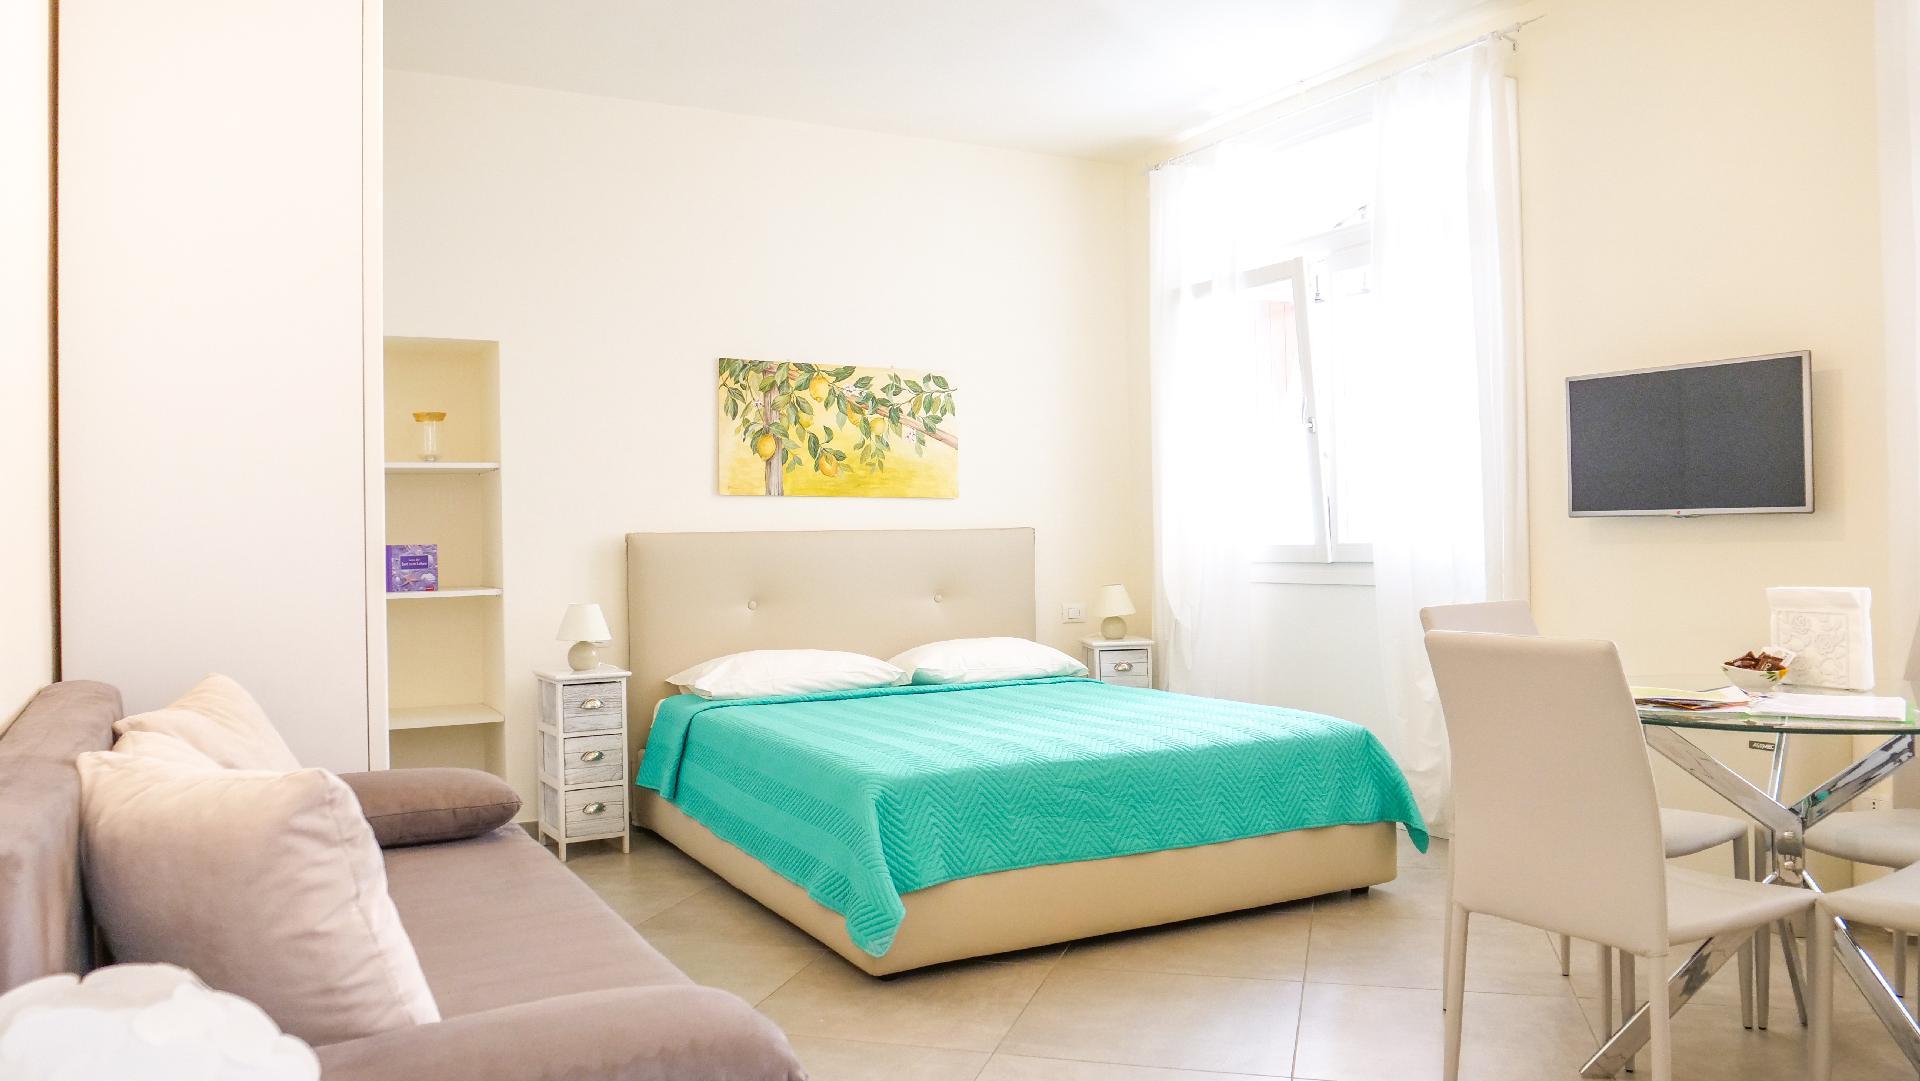 Studio für 2 Personen  + 1 Kind ca. 43 m²   Toscolano Maderno